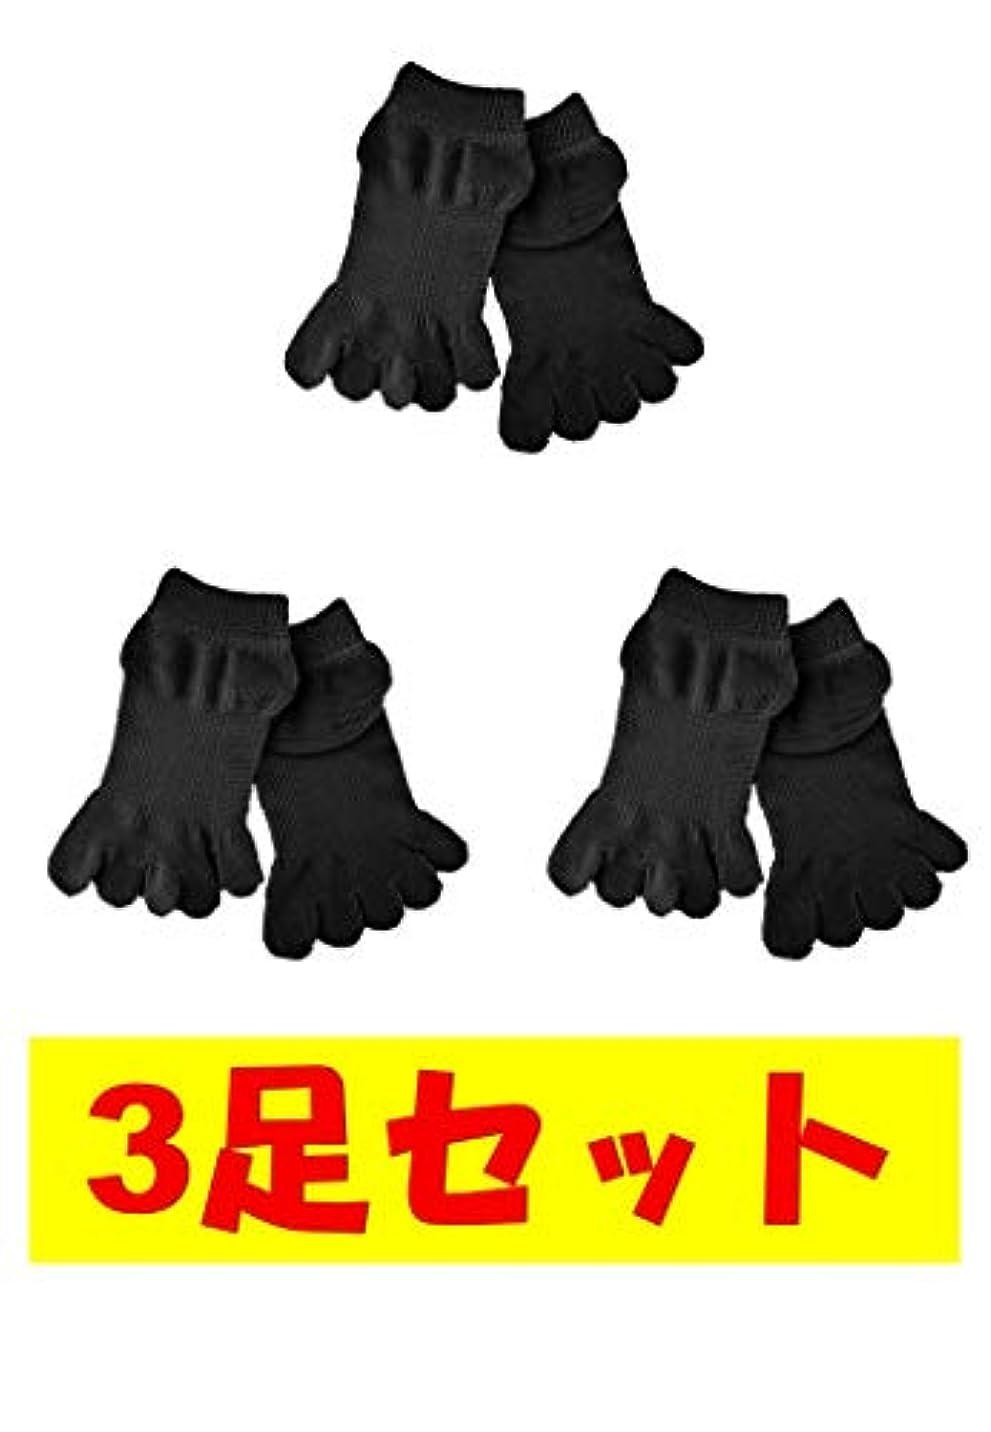 代表オーチャード排除お買い得3足セット 5本指 ゆびのばソックス ゆびのば アンクル ブラック iサイズ 23.5-25.5cm YSANKL-BLK